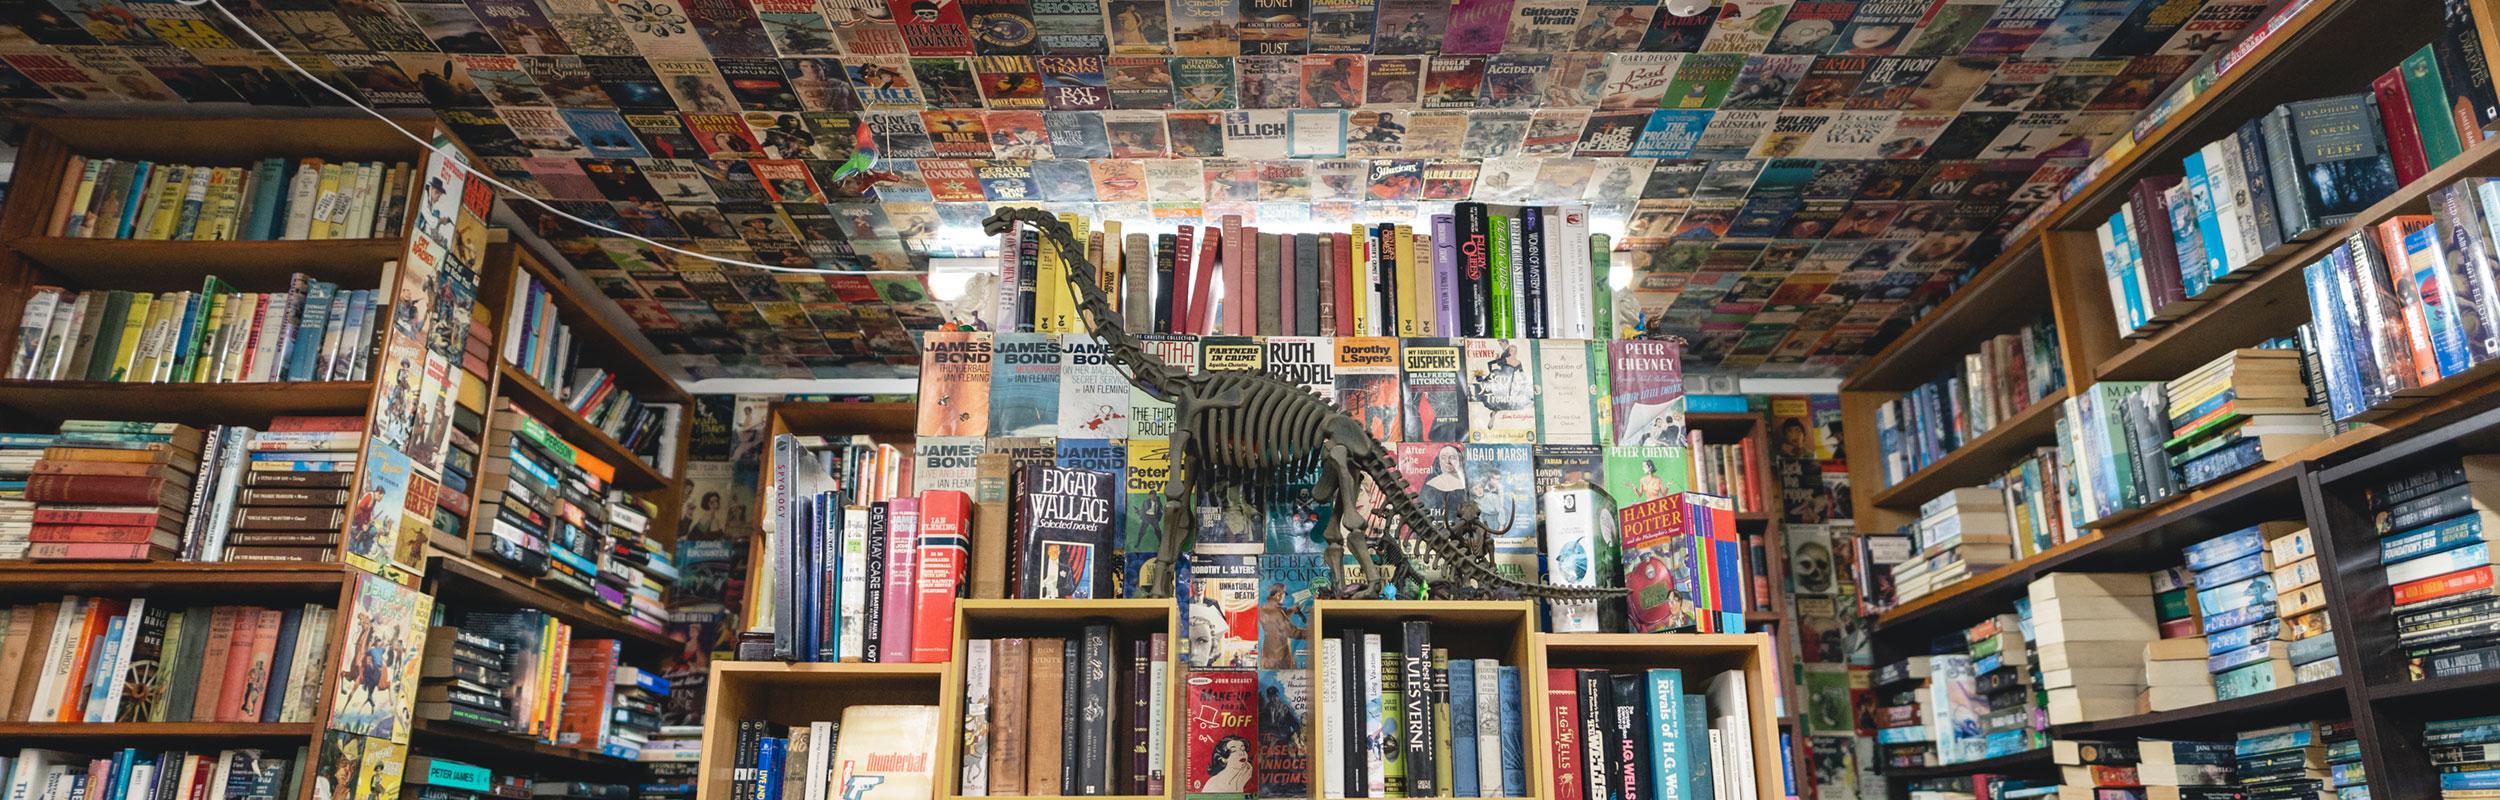 Dead Souls Book Shop